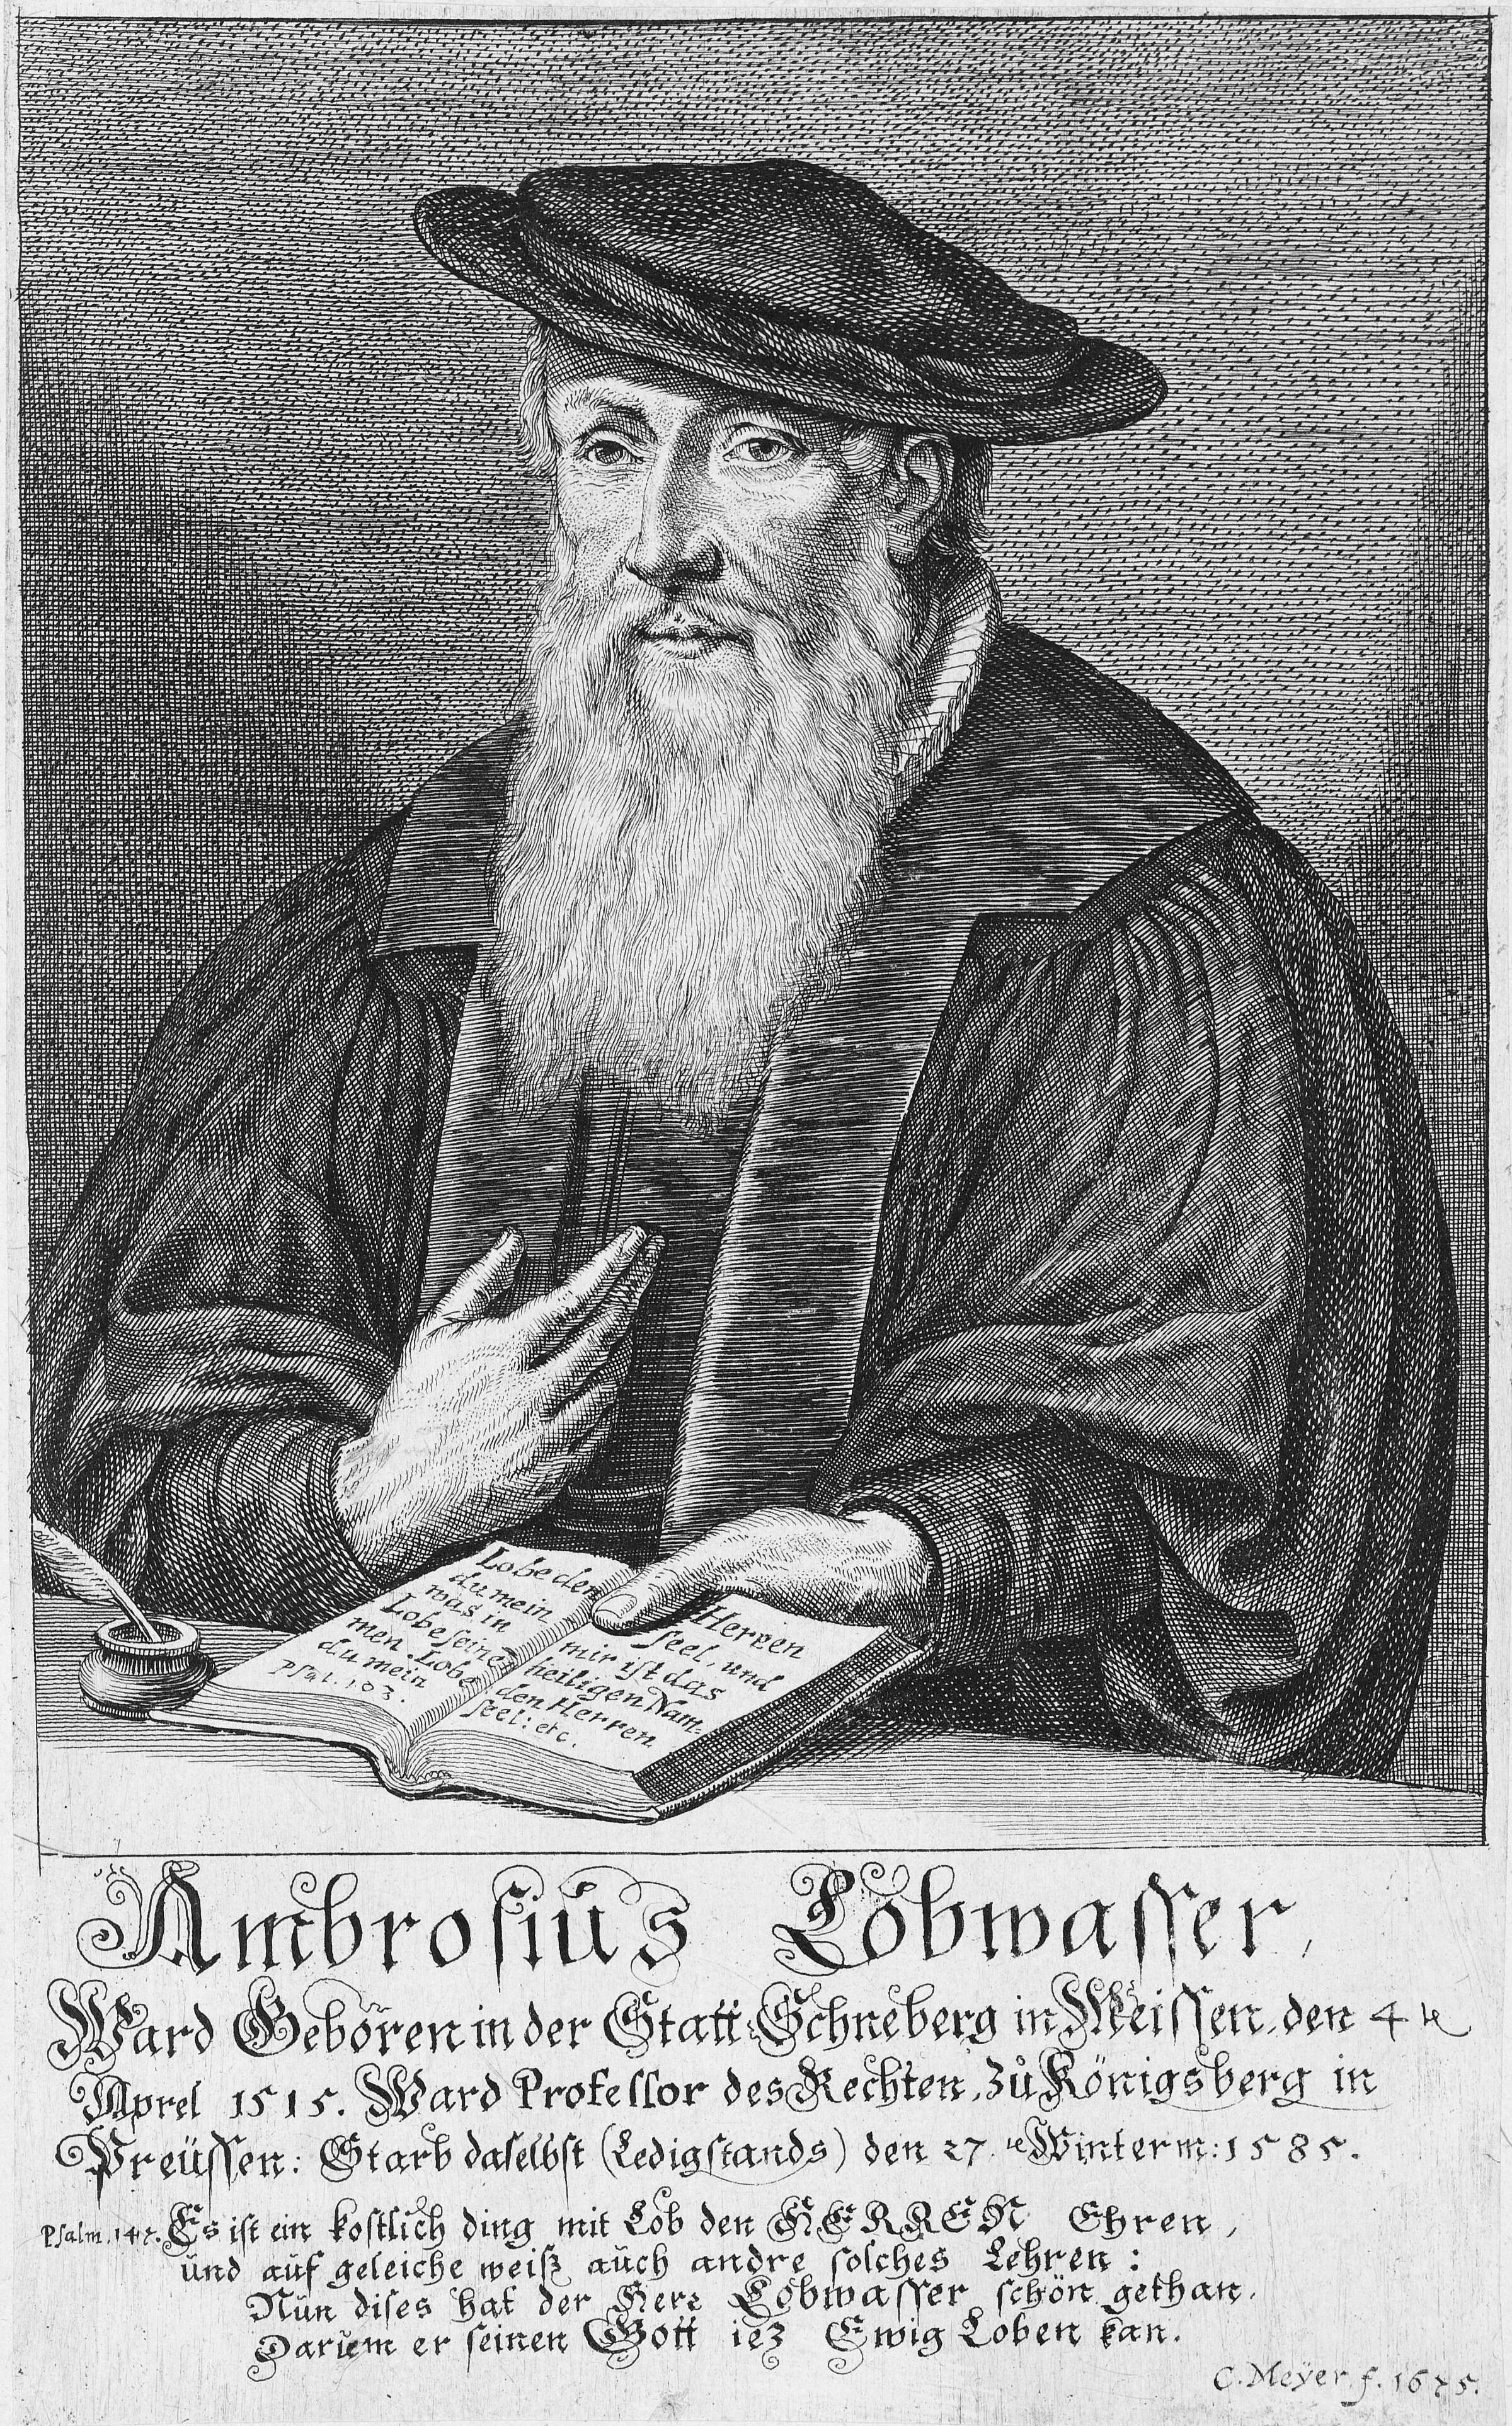 Ambrosius Lobwasser